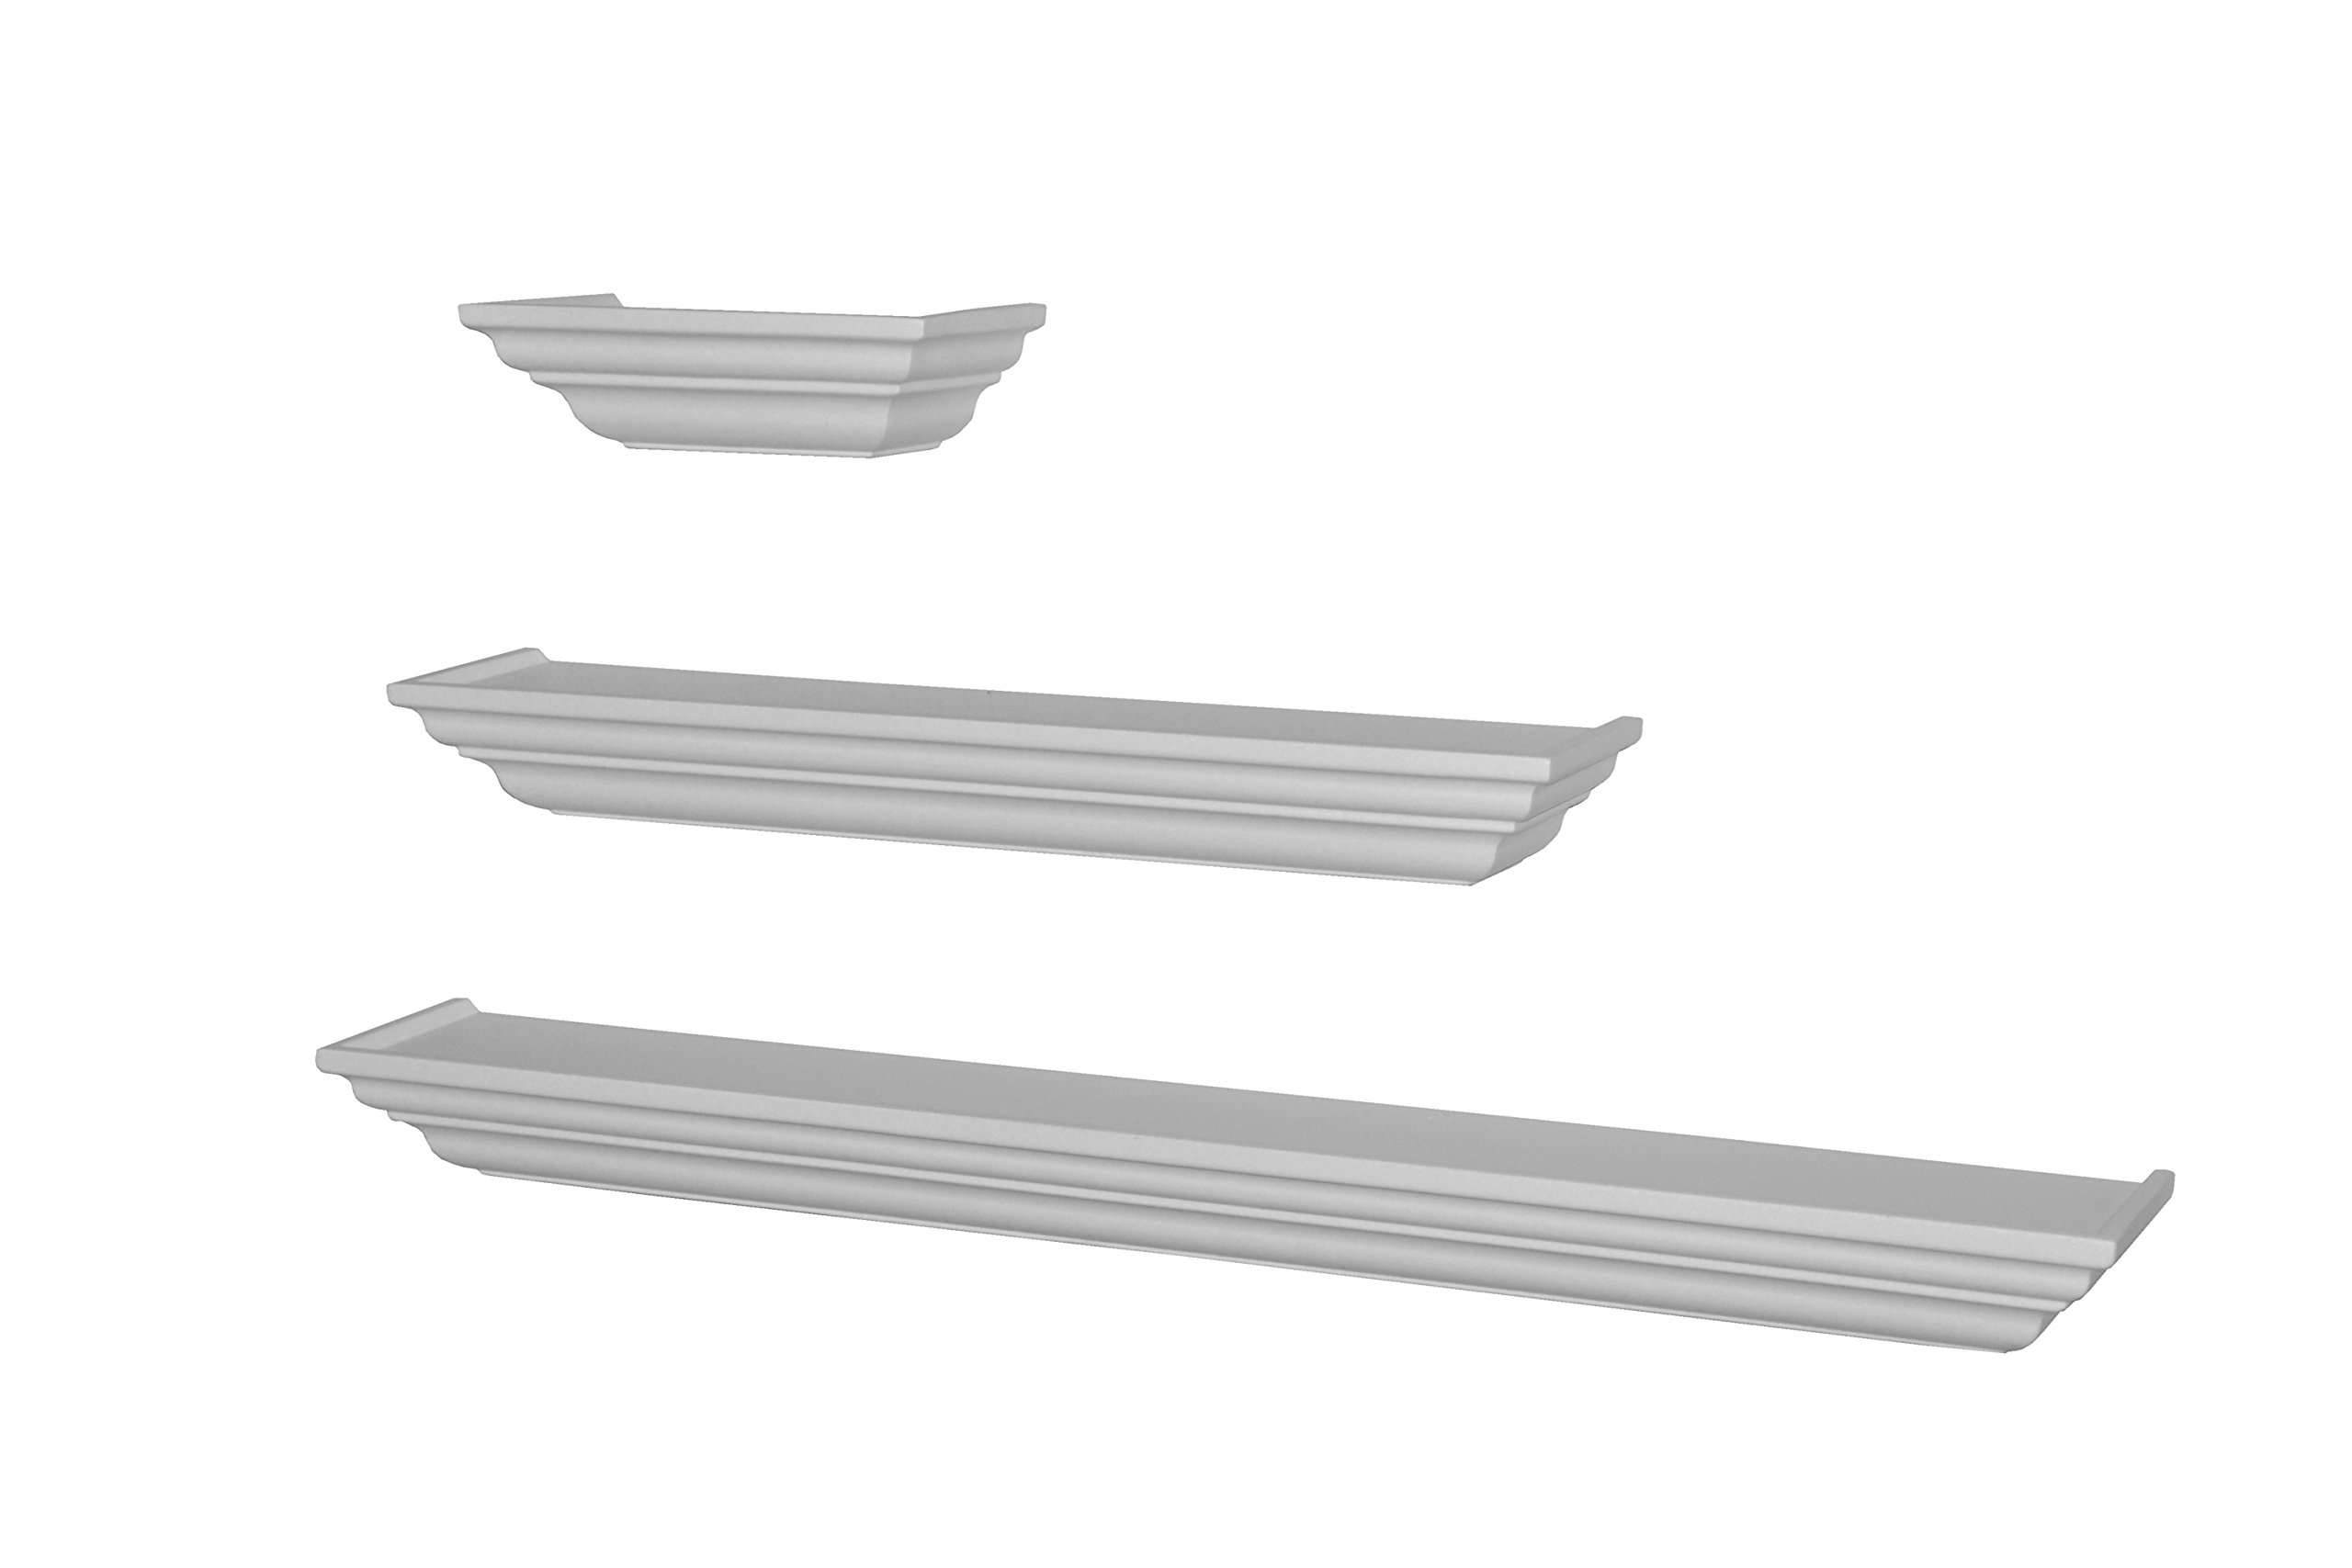 Maclean MC-621 Wandkonsole Wandhalter Wandhalterung Halterung Klimaanlagen Split Klimager/ät Klimaanlage Stahl verzinkt Tragkraft 100kg